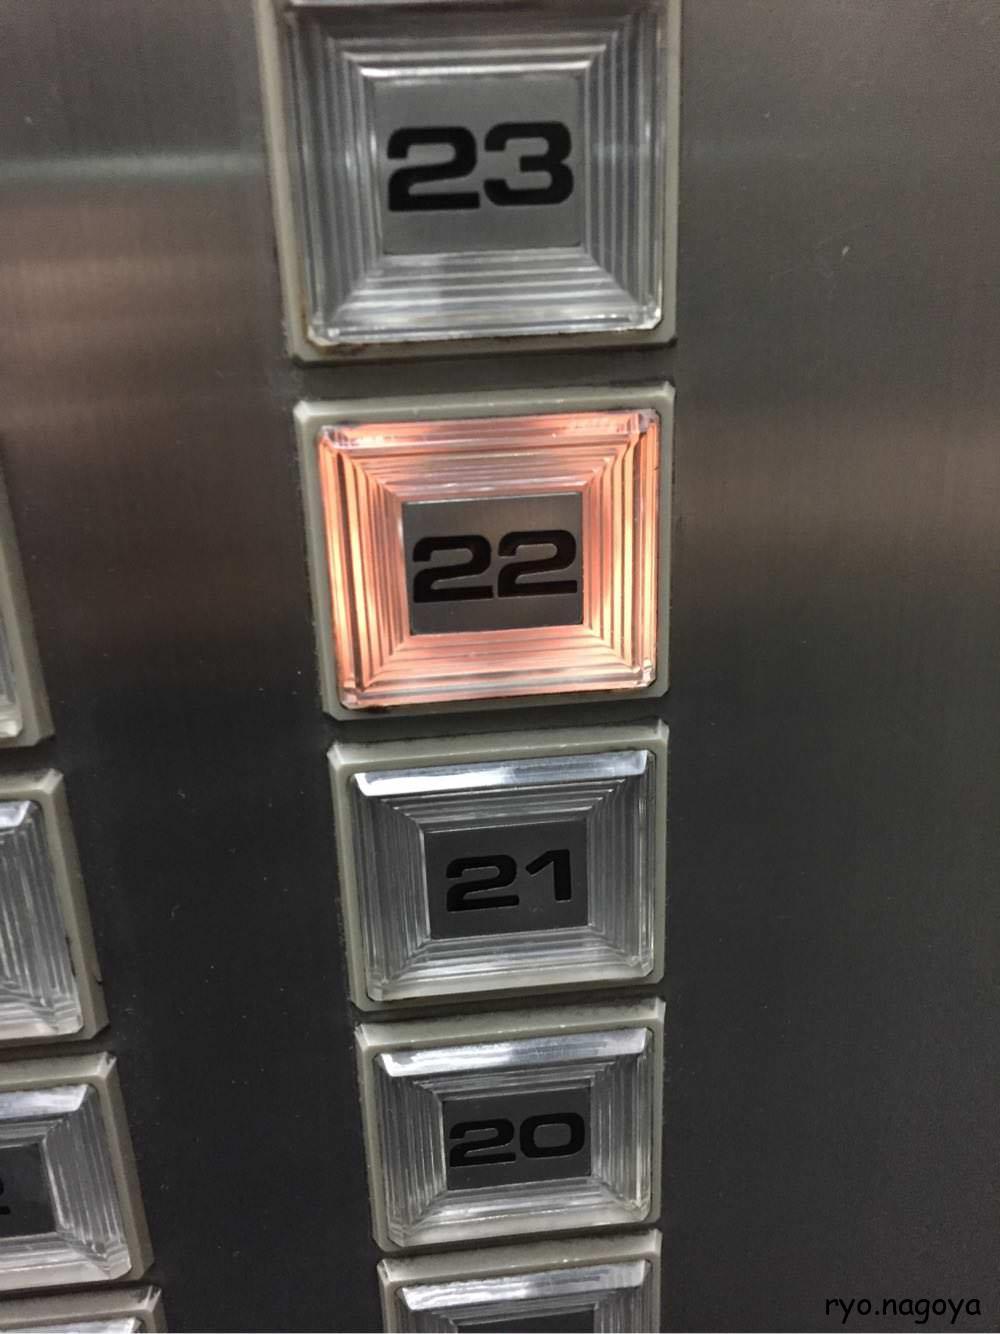 エレベーターで、22回に行く、階段では無理っぽいです。(階段使えても疲れるのでいいです)